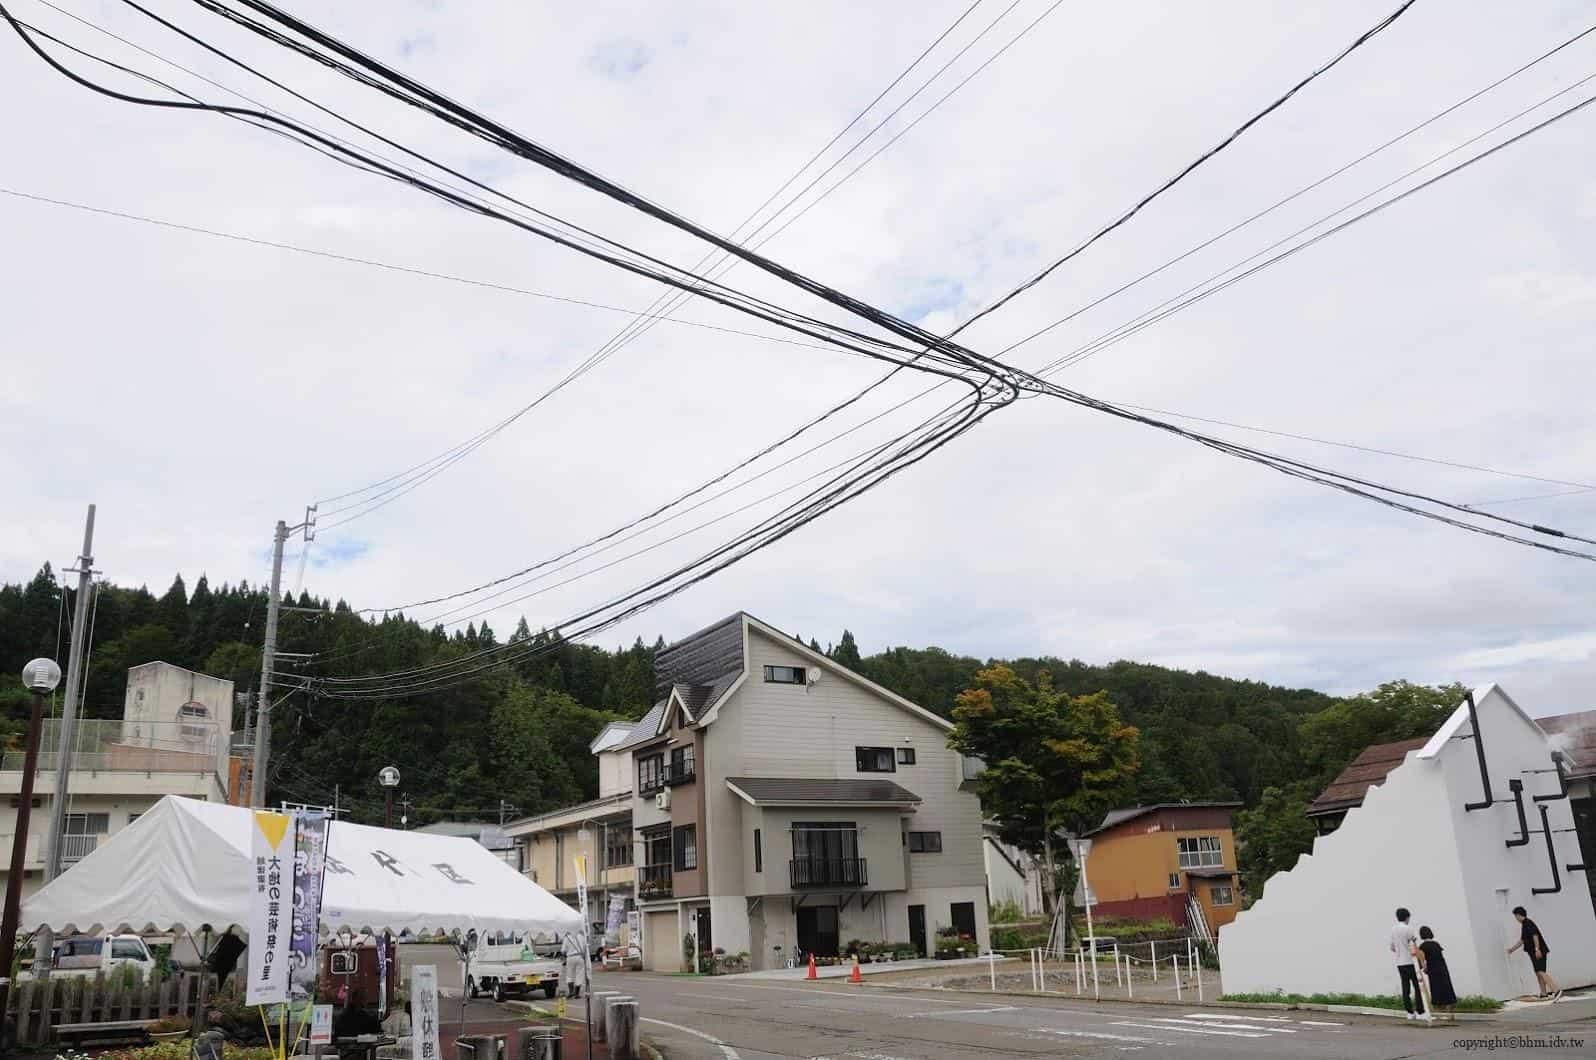 摩尼爾‧范特米,CASABARATA,這張照片是讓我驚訝日本天際線上的電線整理得如此整齊,都忘記了旁邊由當地居民服務的「無料休息處」也一樣精采(左下角處)。這趟行程中一路觀察了日本的街道,相對於台灣的電線地下化比較全面,這也是我們值得驕傲的地方 casabarata CASABARATA CASABARATA 05